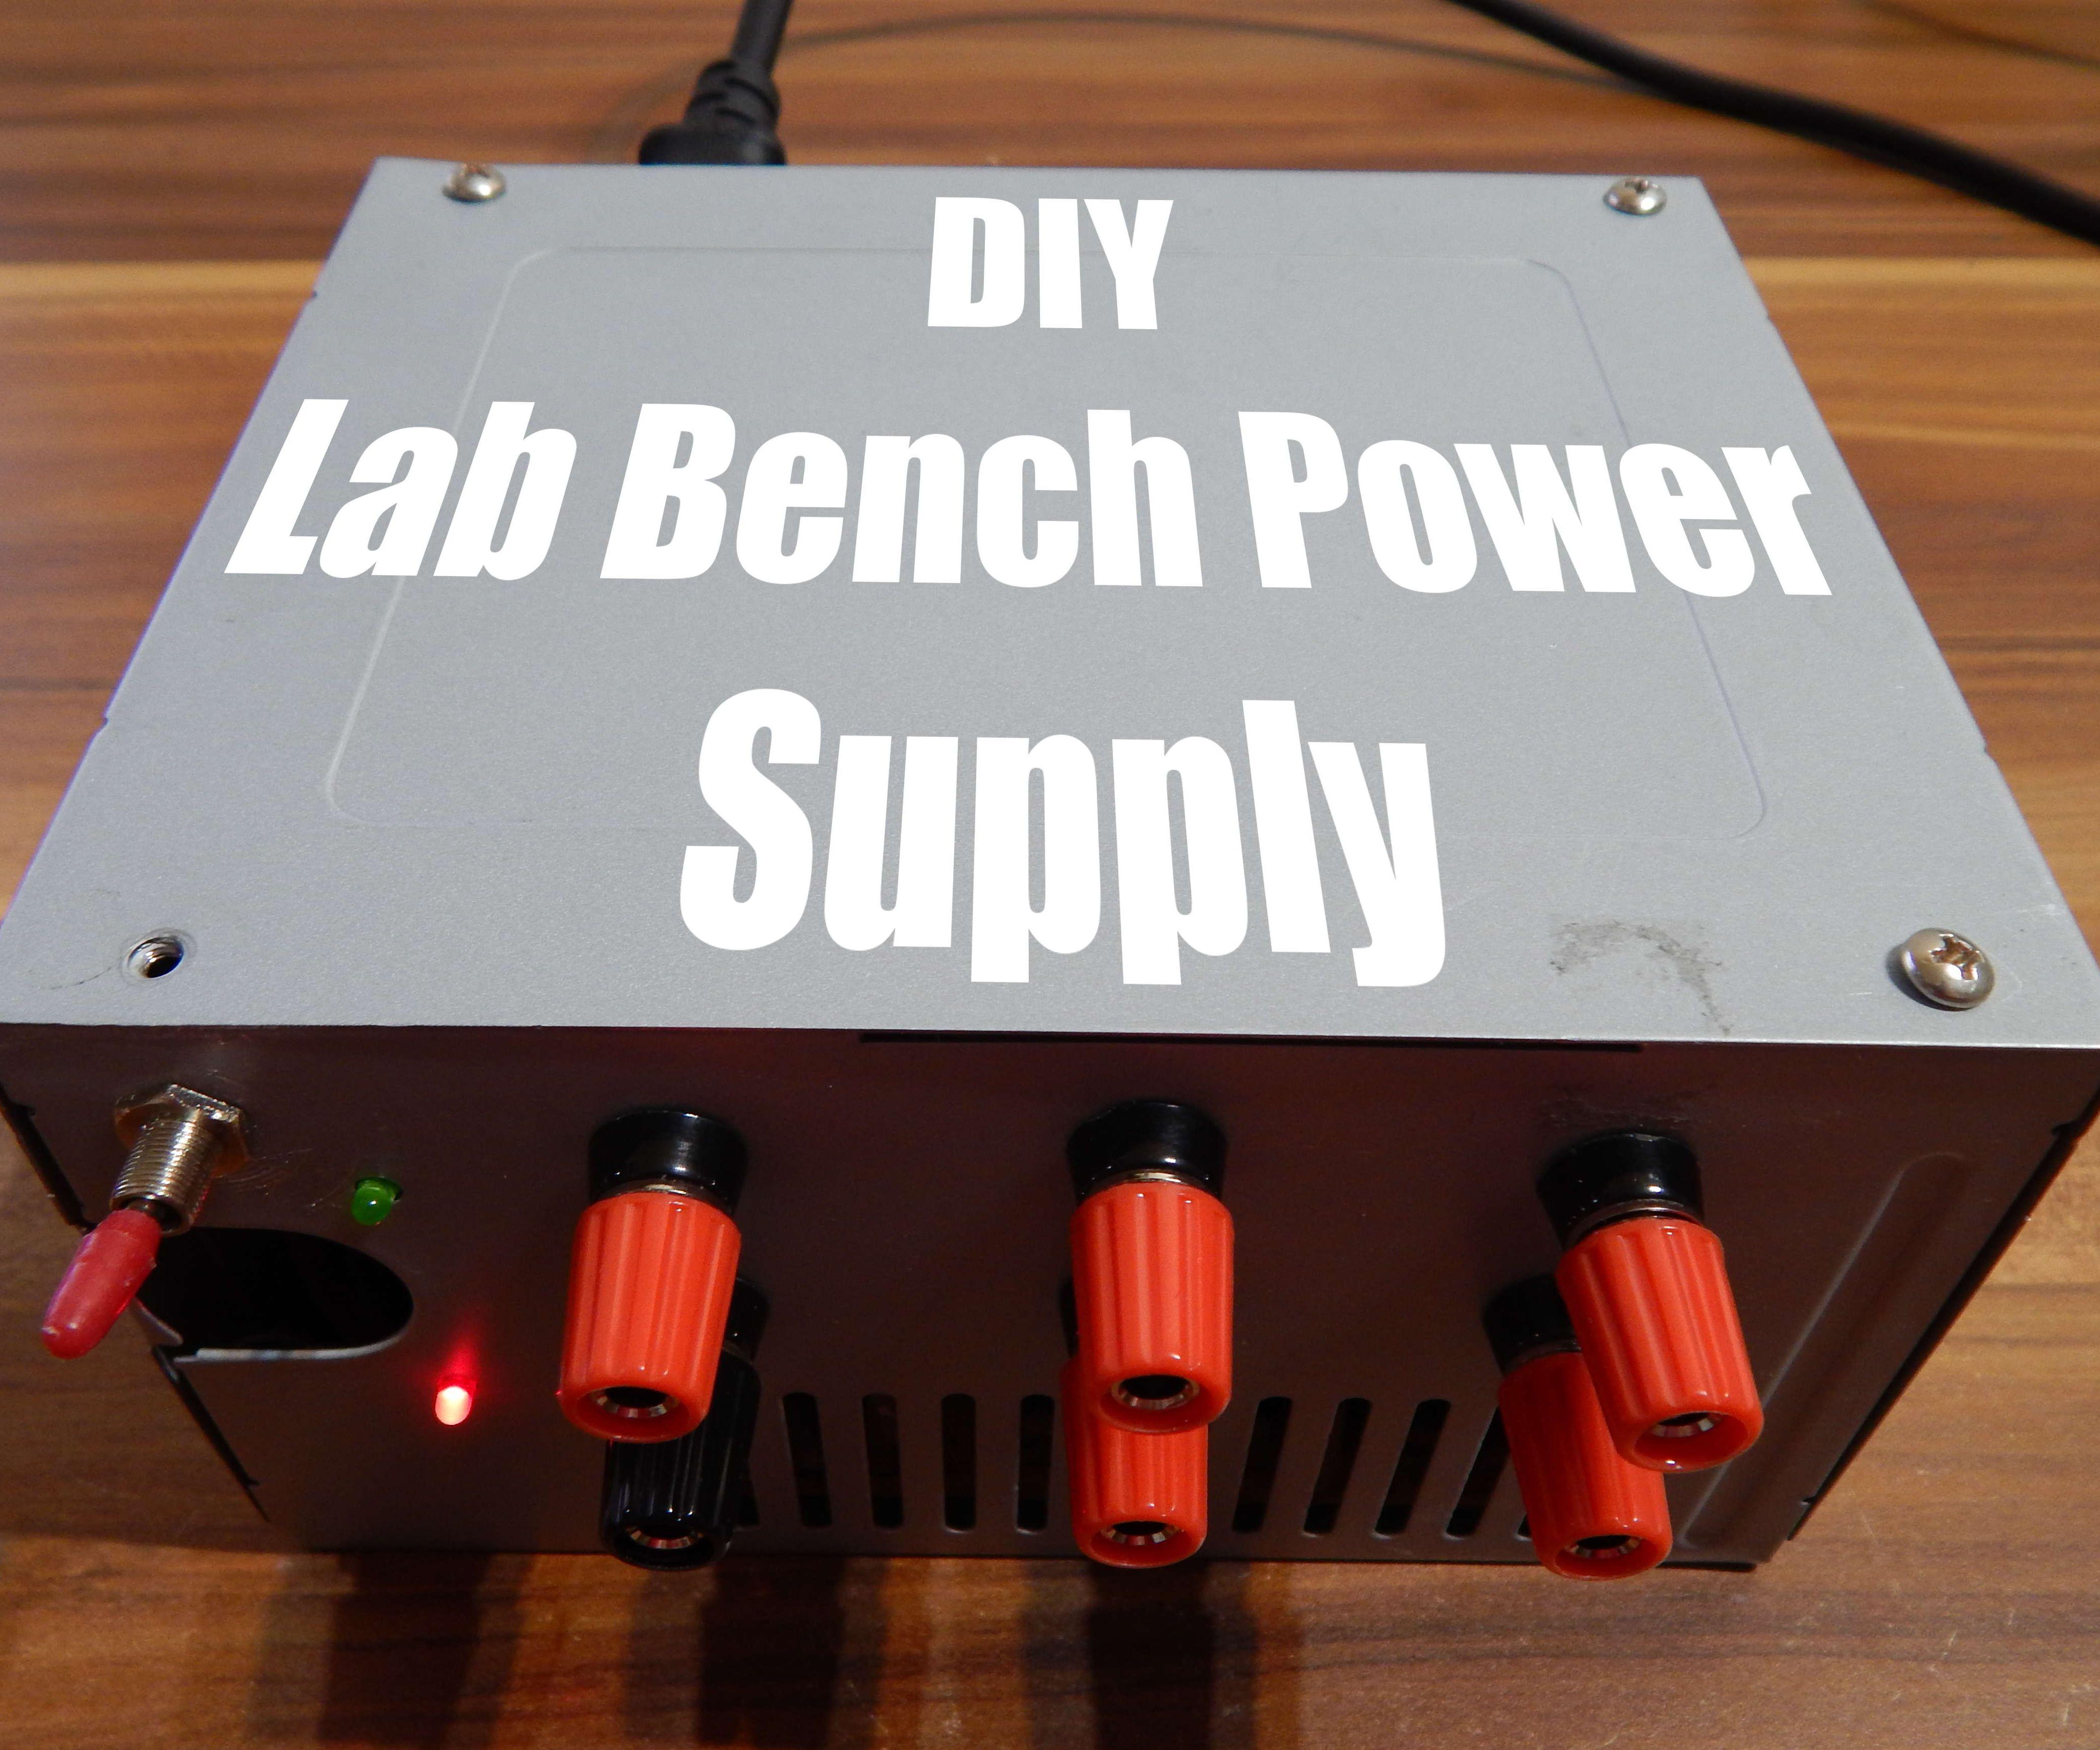 DIY Lab Bench Power Supply